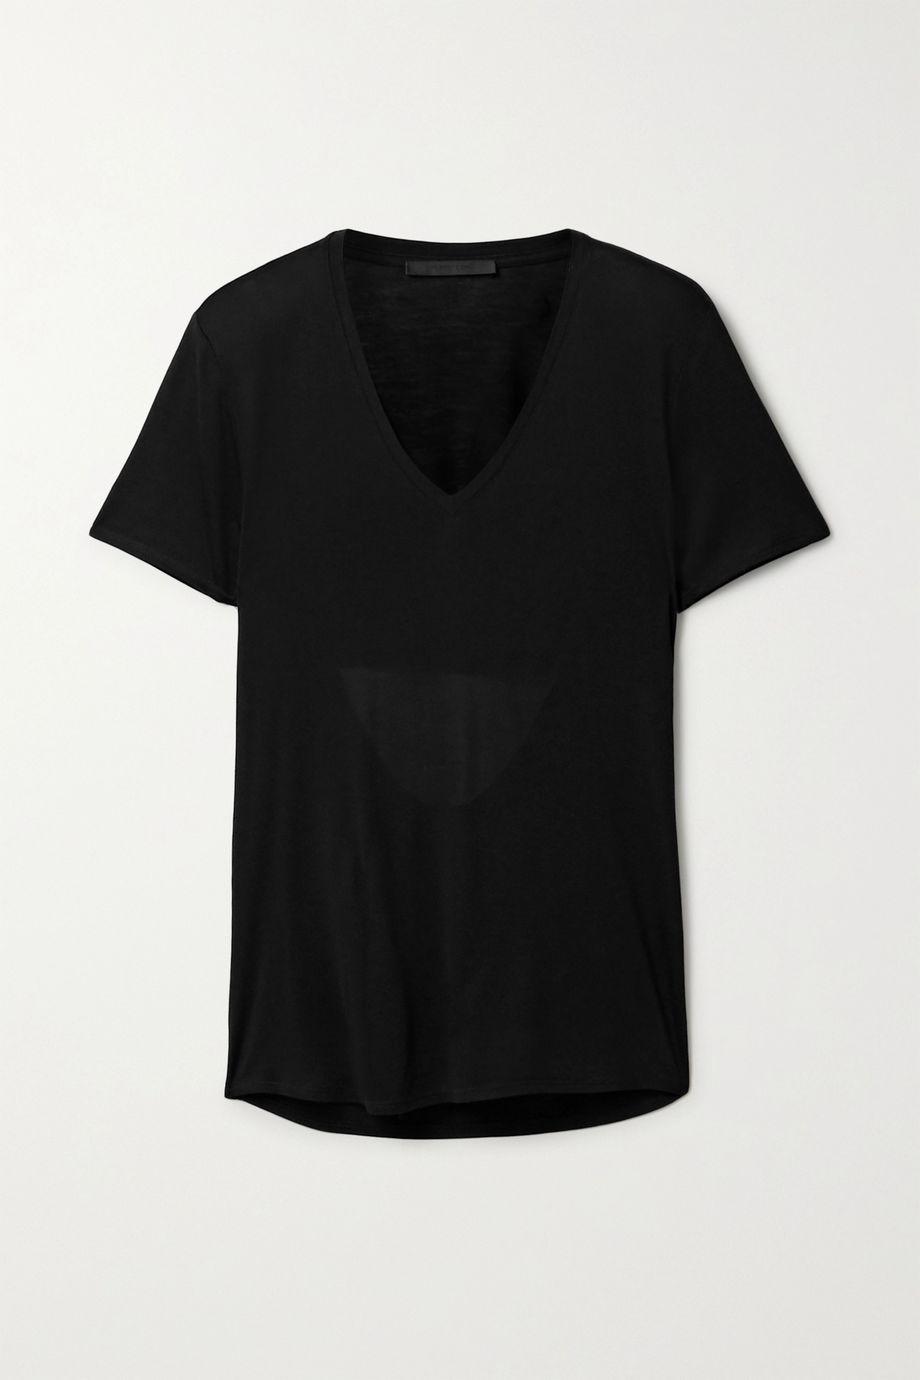 Helmut Lang 挖剪莫代尔平纹布 T 恤